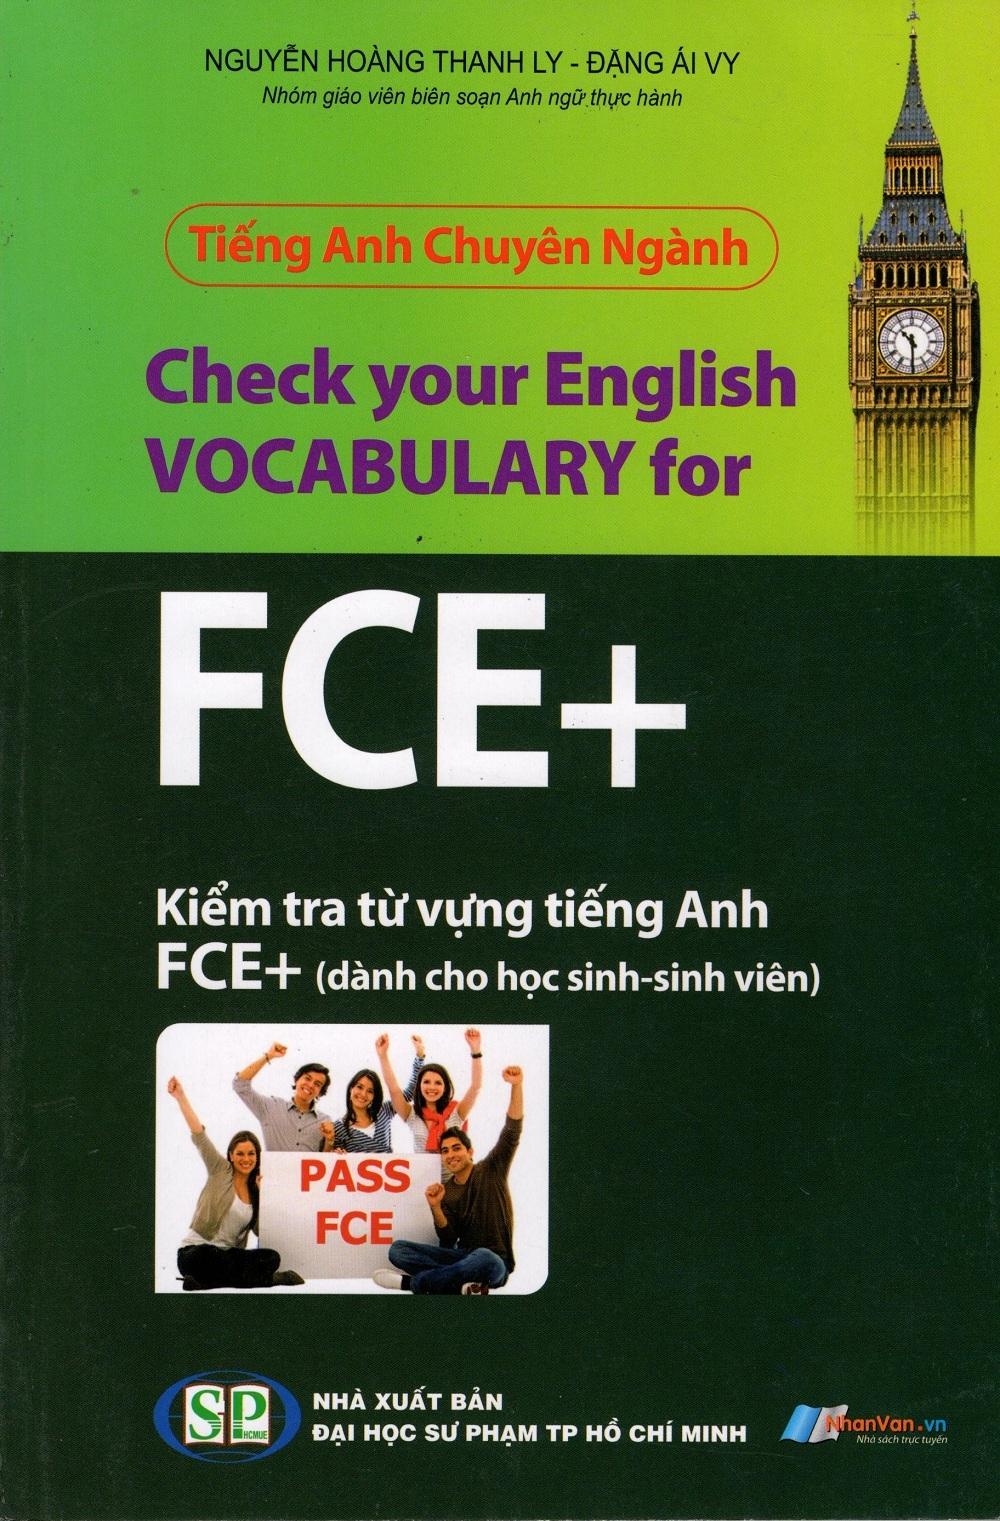 Tiếng Anh Chuyên Ngành - Kiểm Tra Từ Vựng Tiếng Anh FCE+